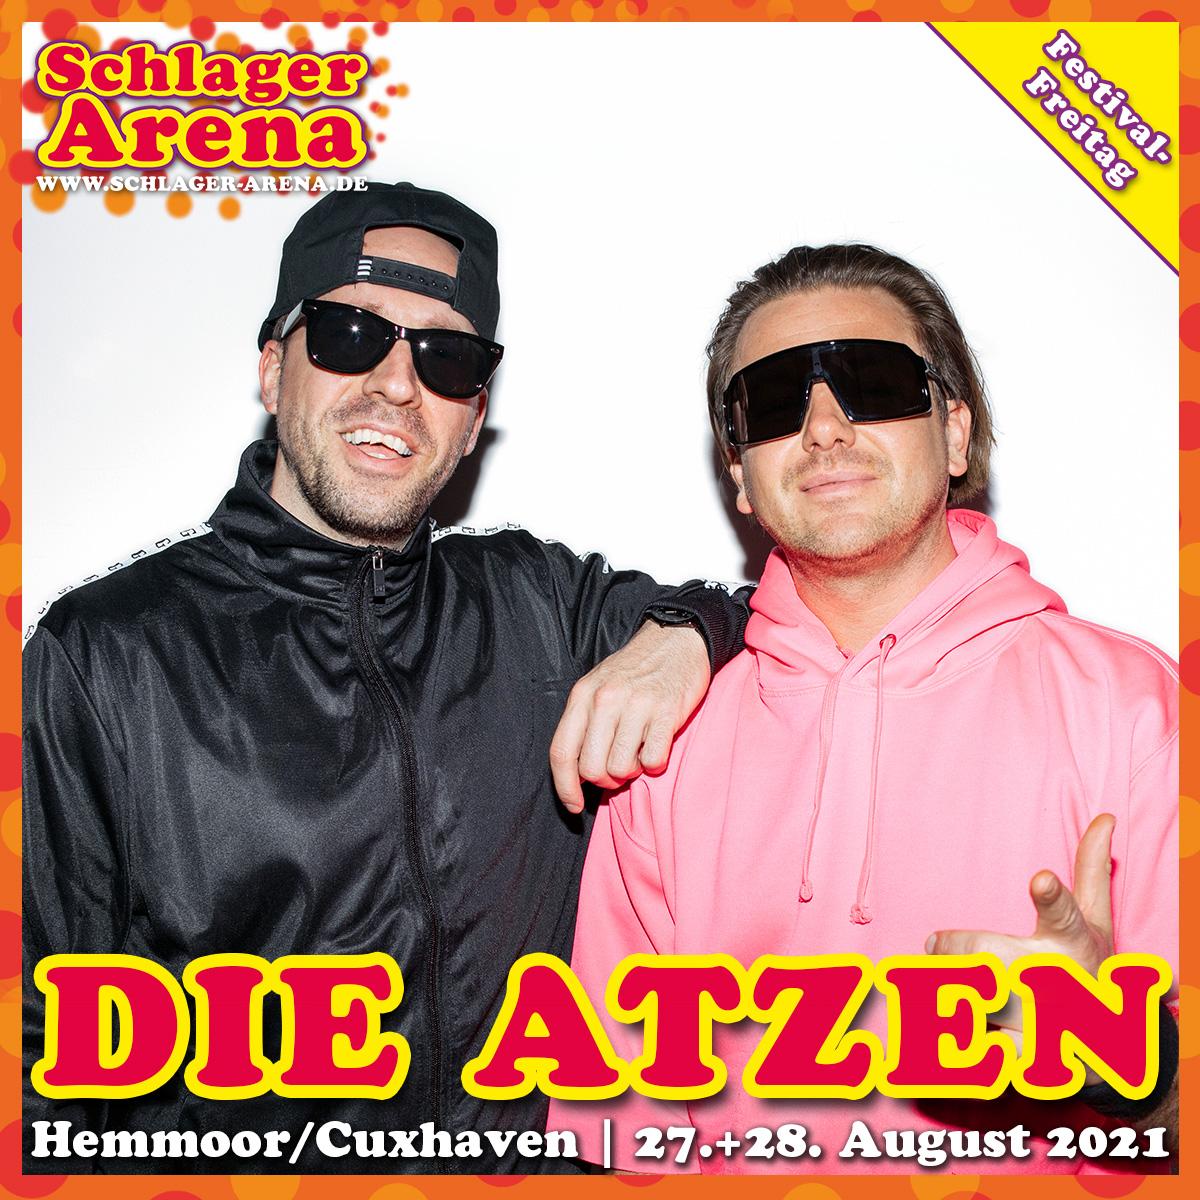 Die Atzen - Schlager Arena 2021